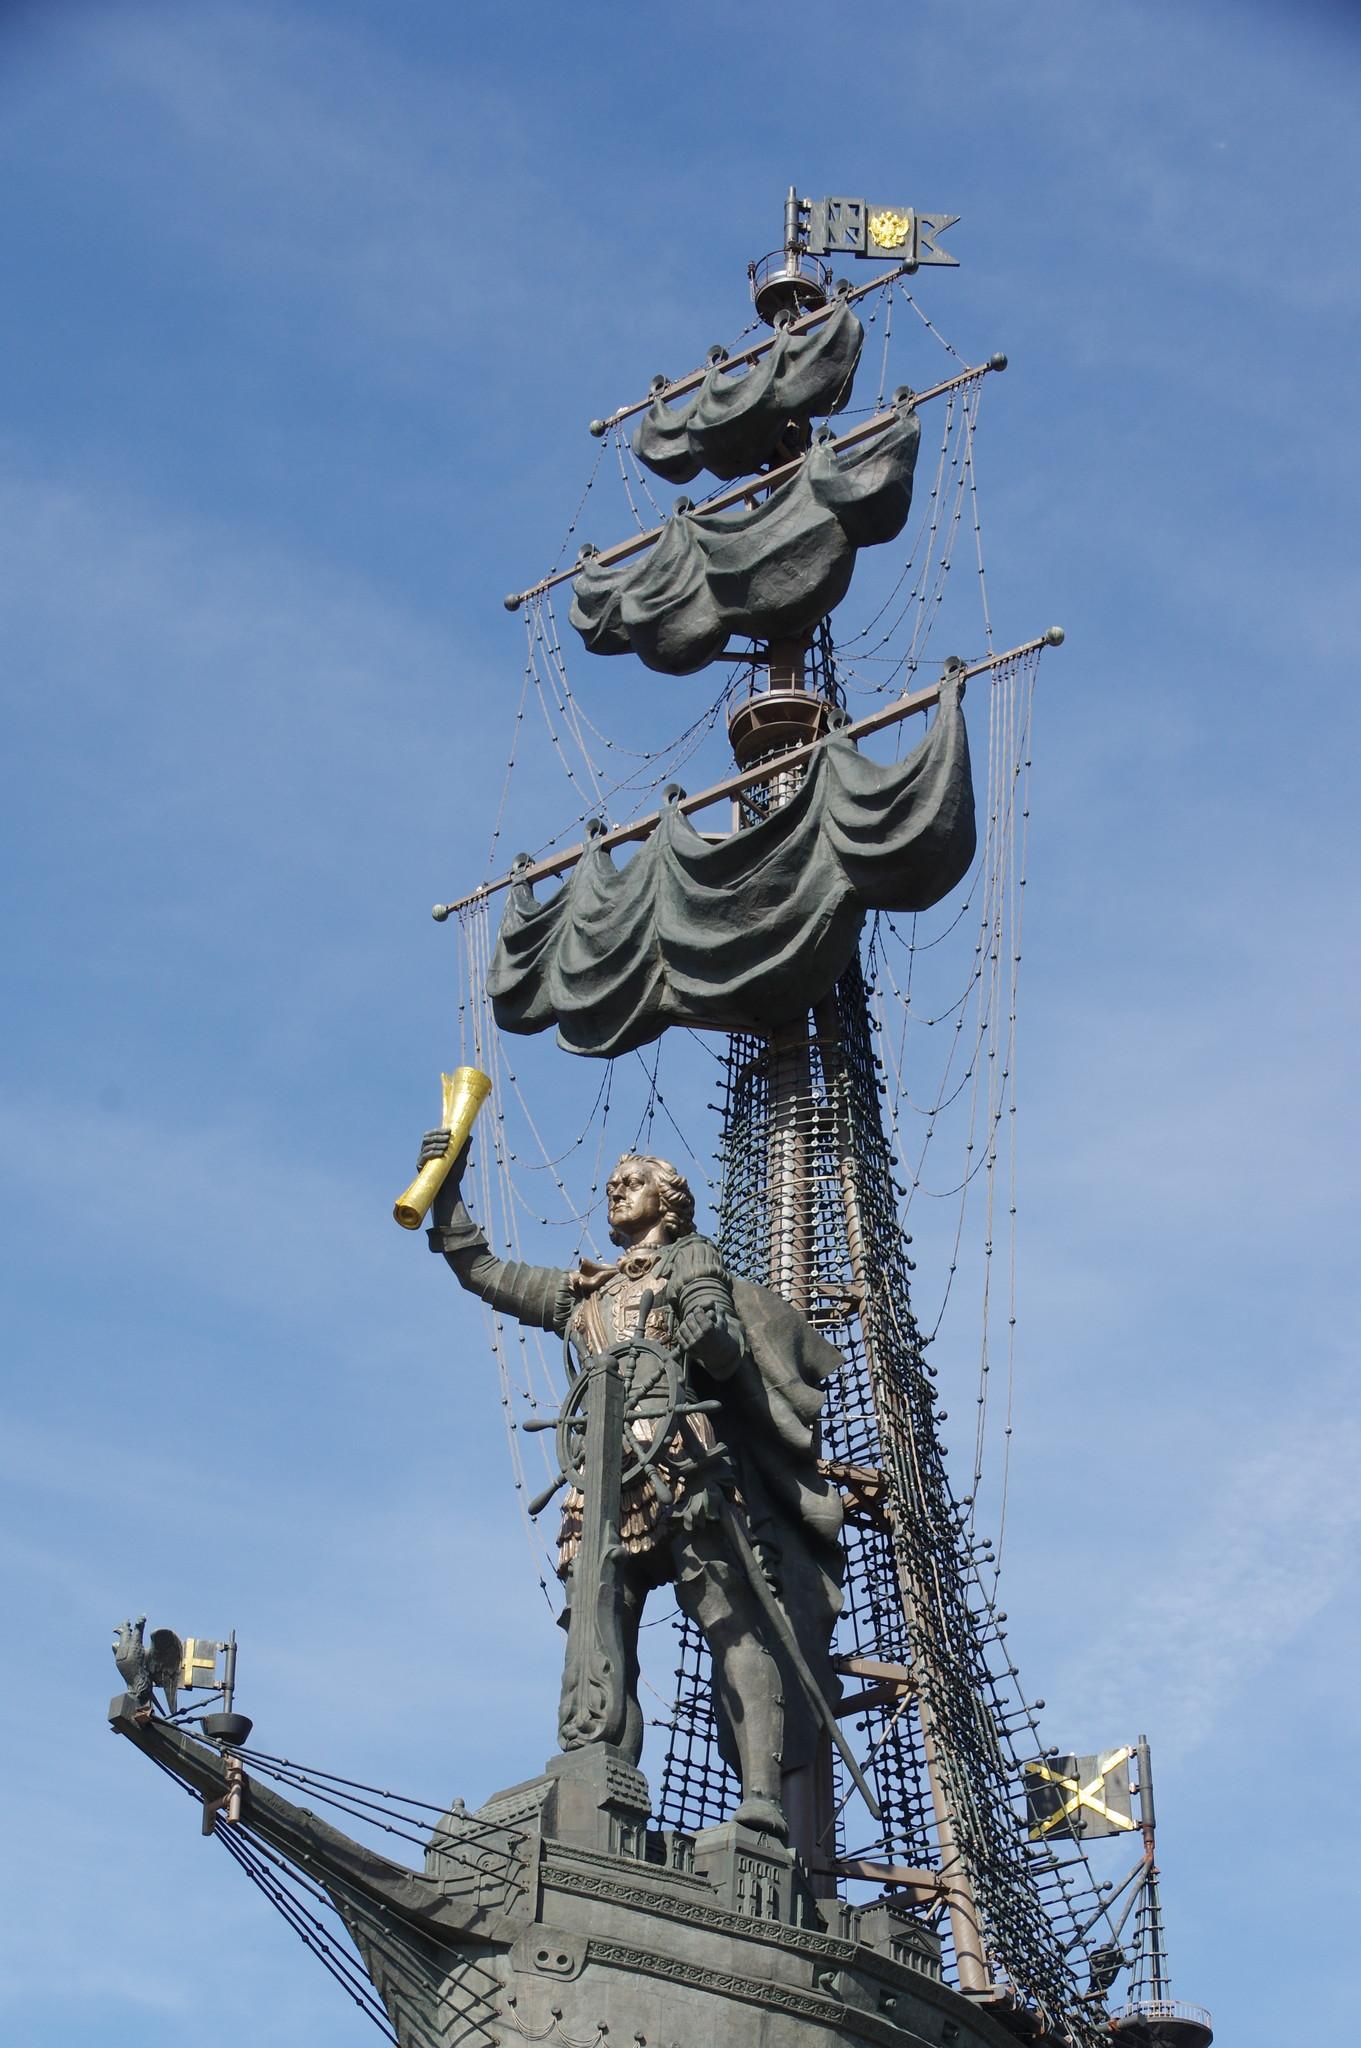 Памятник «В ознаменование 300-летия российского флота». Автор Зураб Церетели